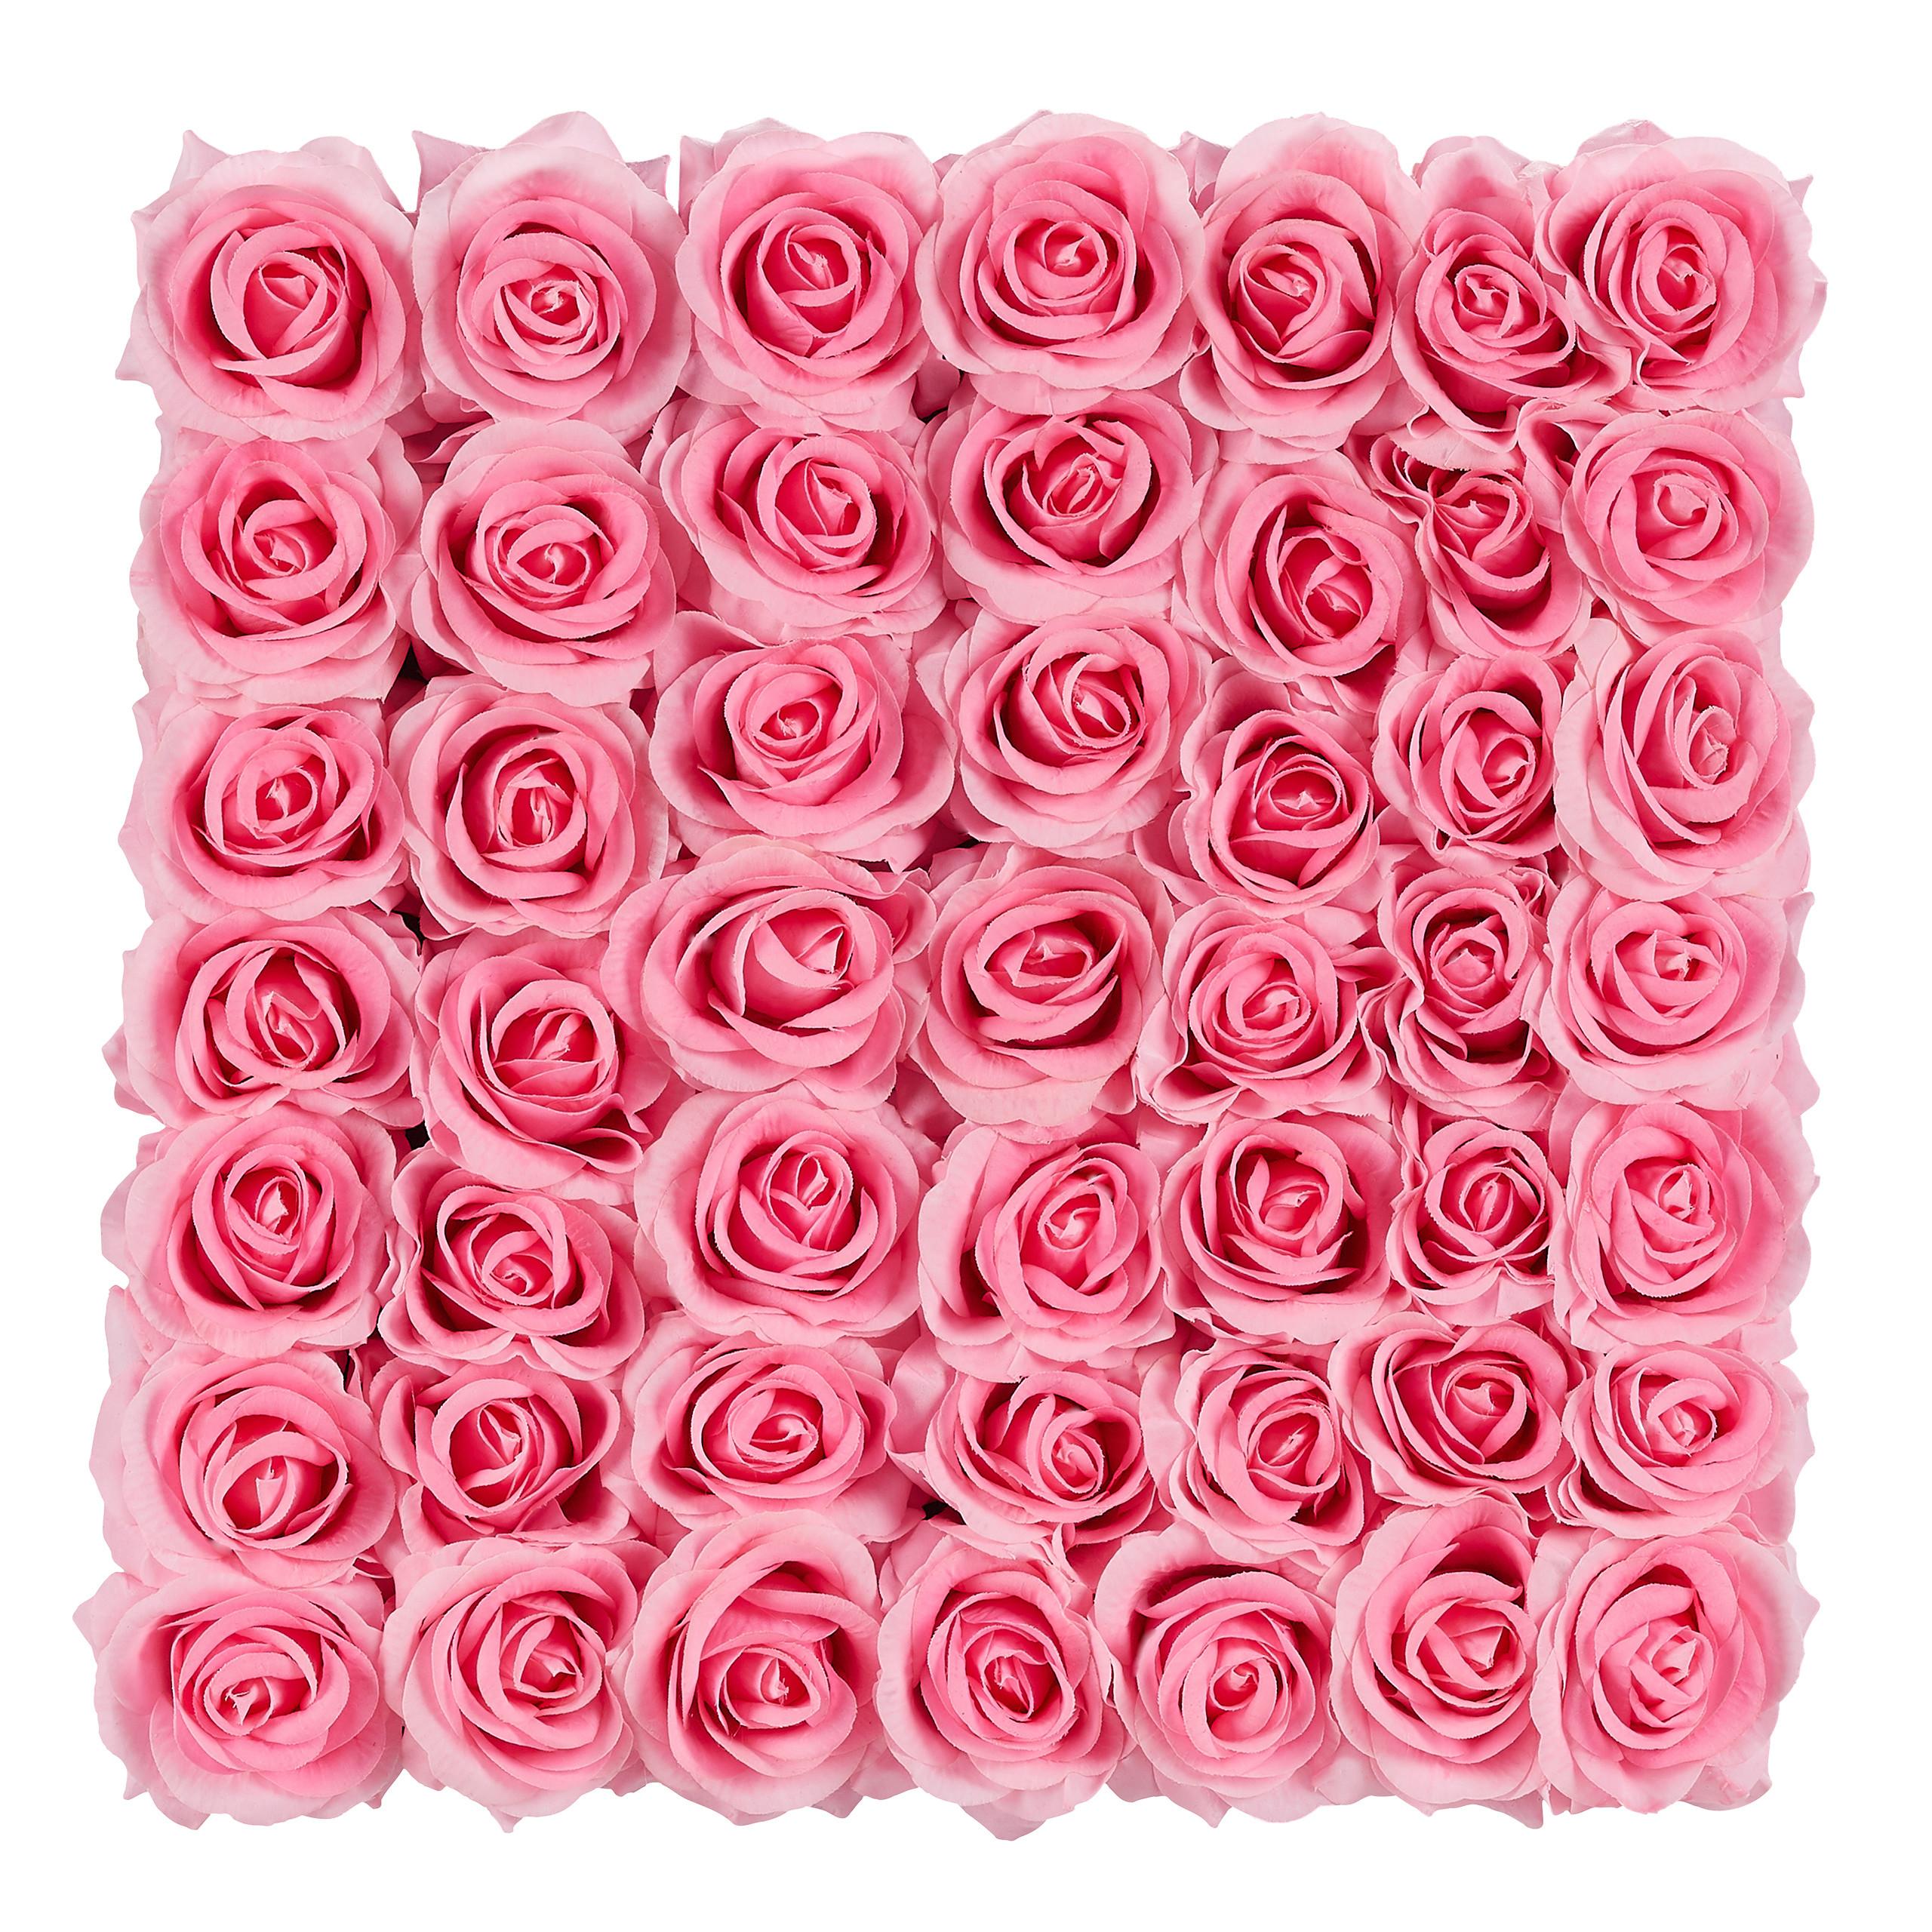 Rosenbox-Flowerbox-Ewige-Rosen-Blumenbox-49-Kunstblumen-eckig-Deko-Valentinstag Indexbild 3